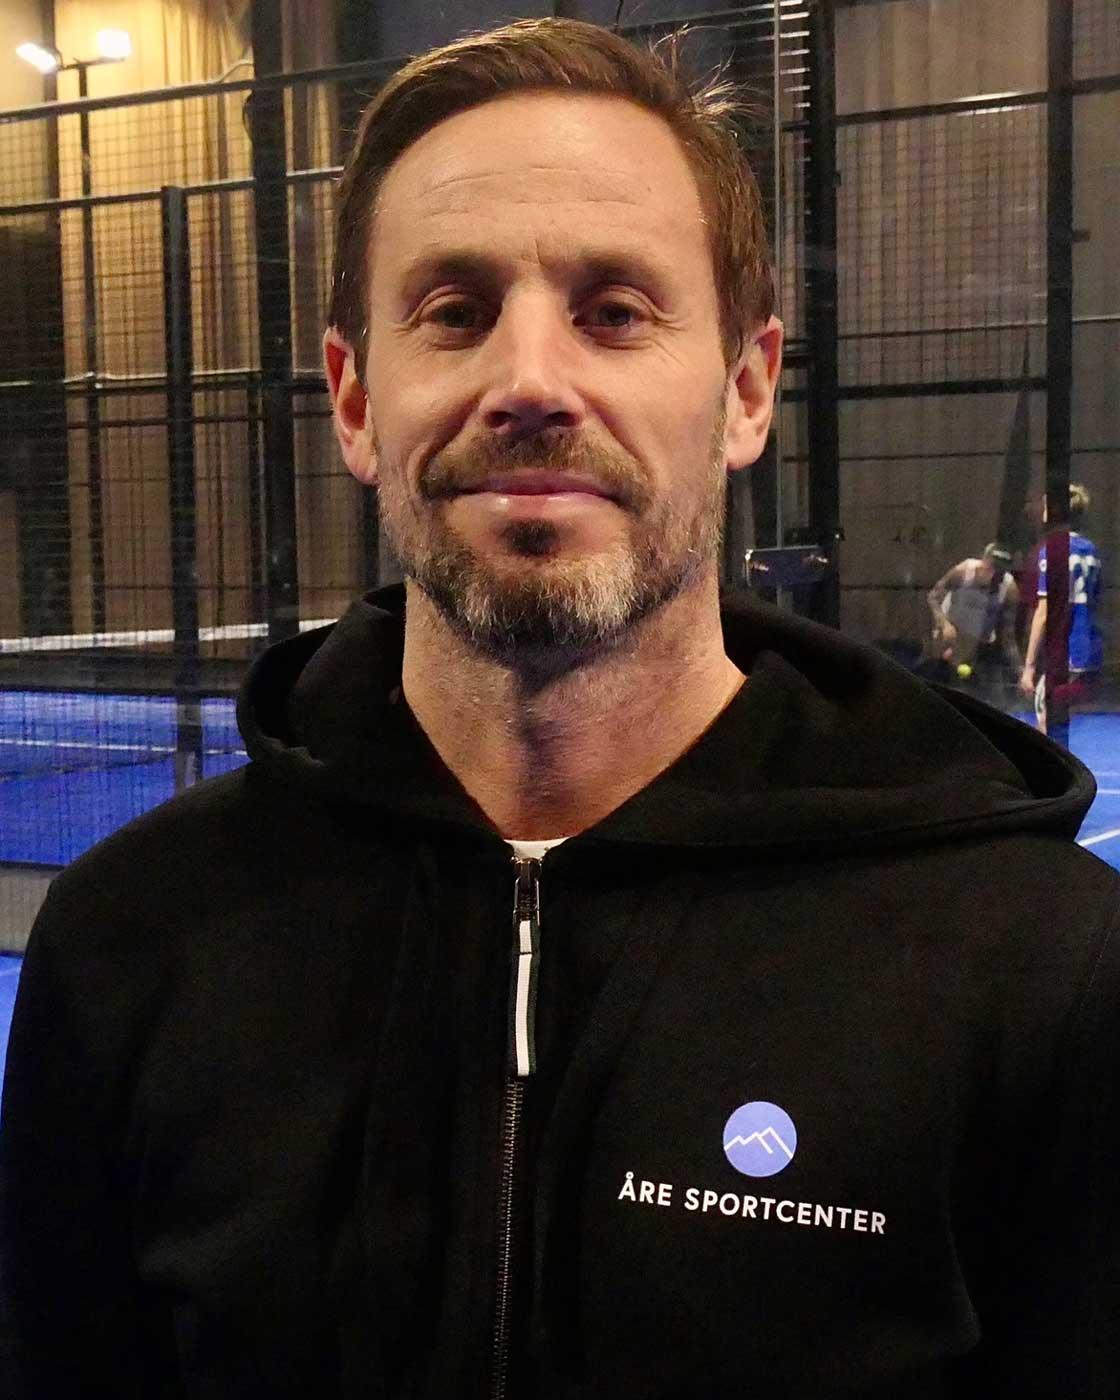 Profilbild på Niklas Edbjörk, Grundare & Partners ansvarig på Åre Sportcenter